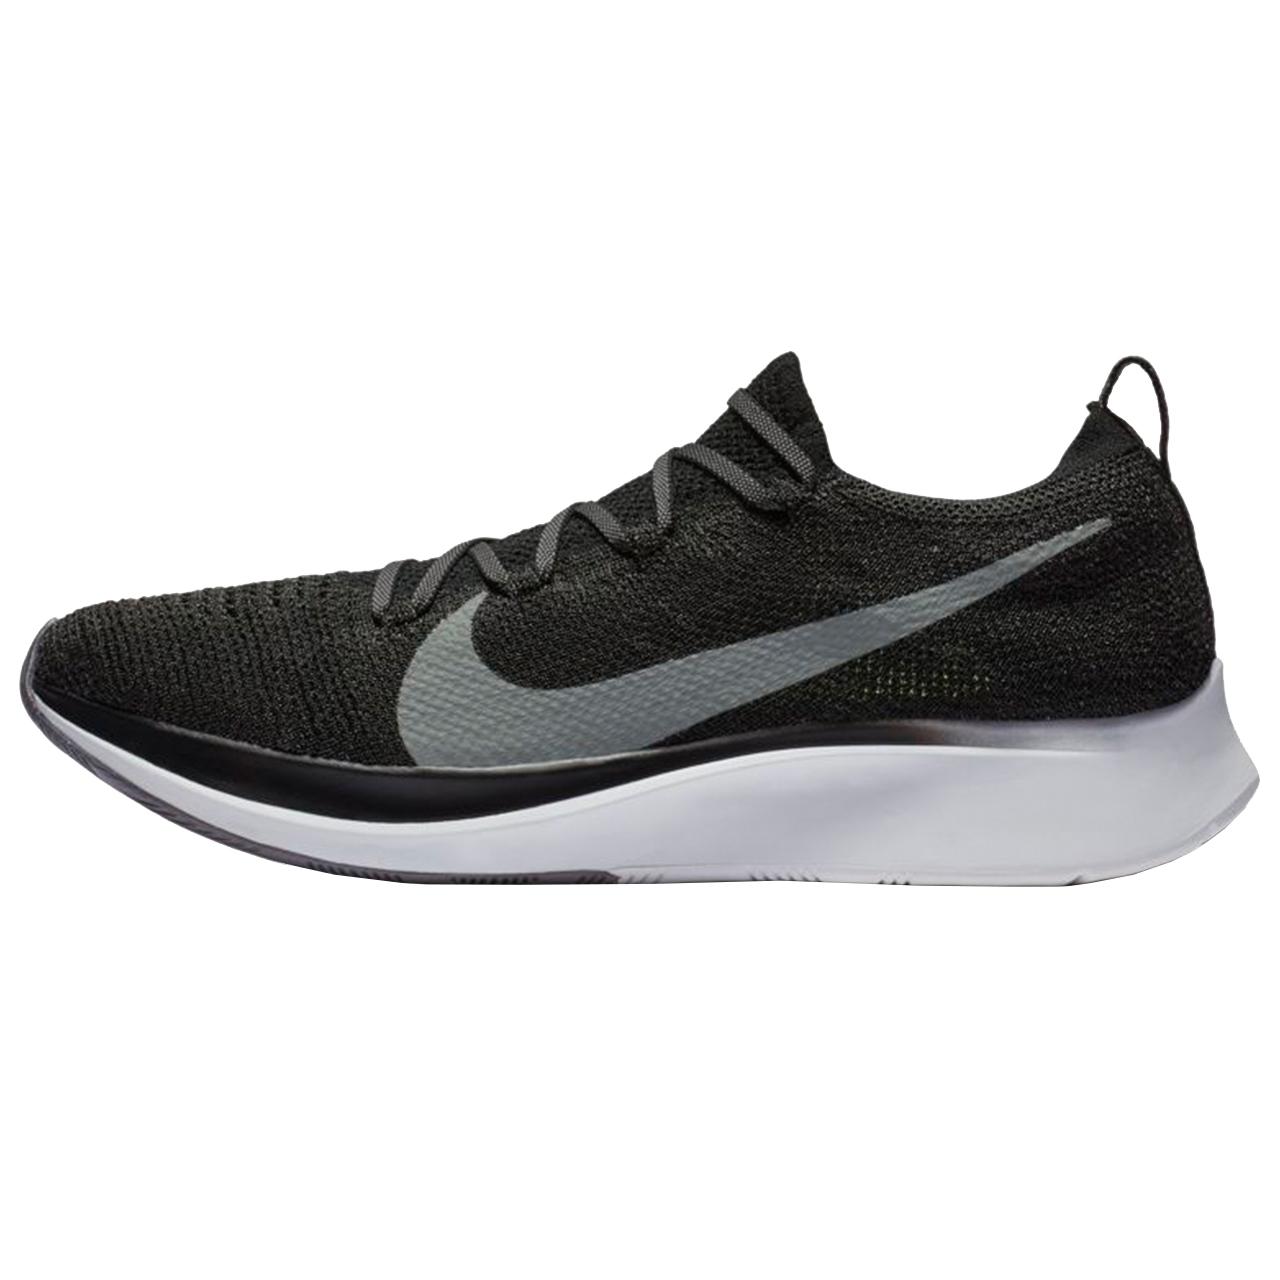 قیمت کفش مخصوص دویدن مردانه نایکی مدل Zoom Fly Flyknit AR4561-001